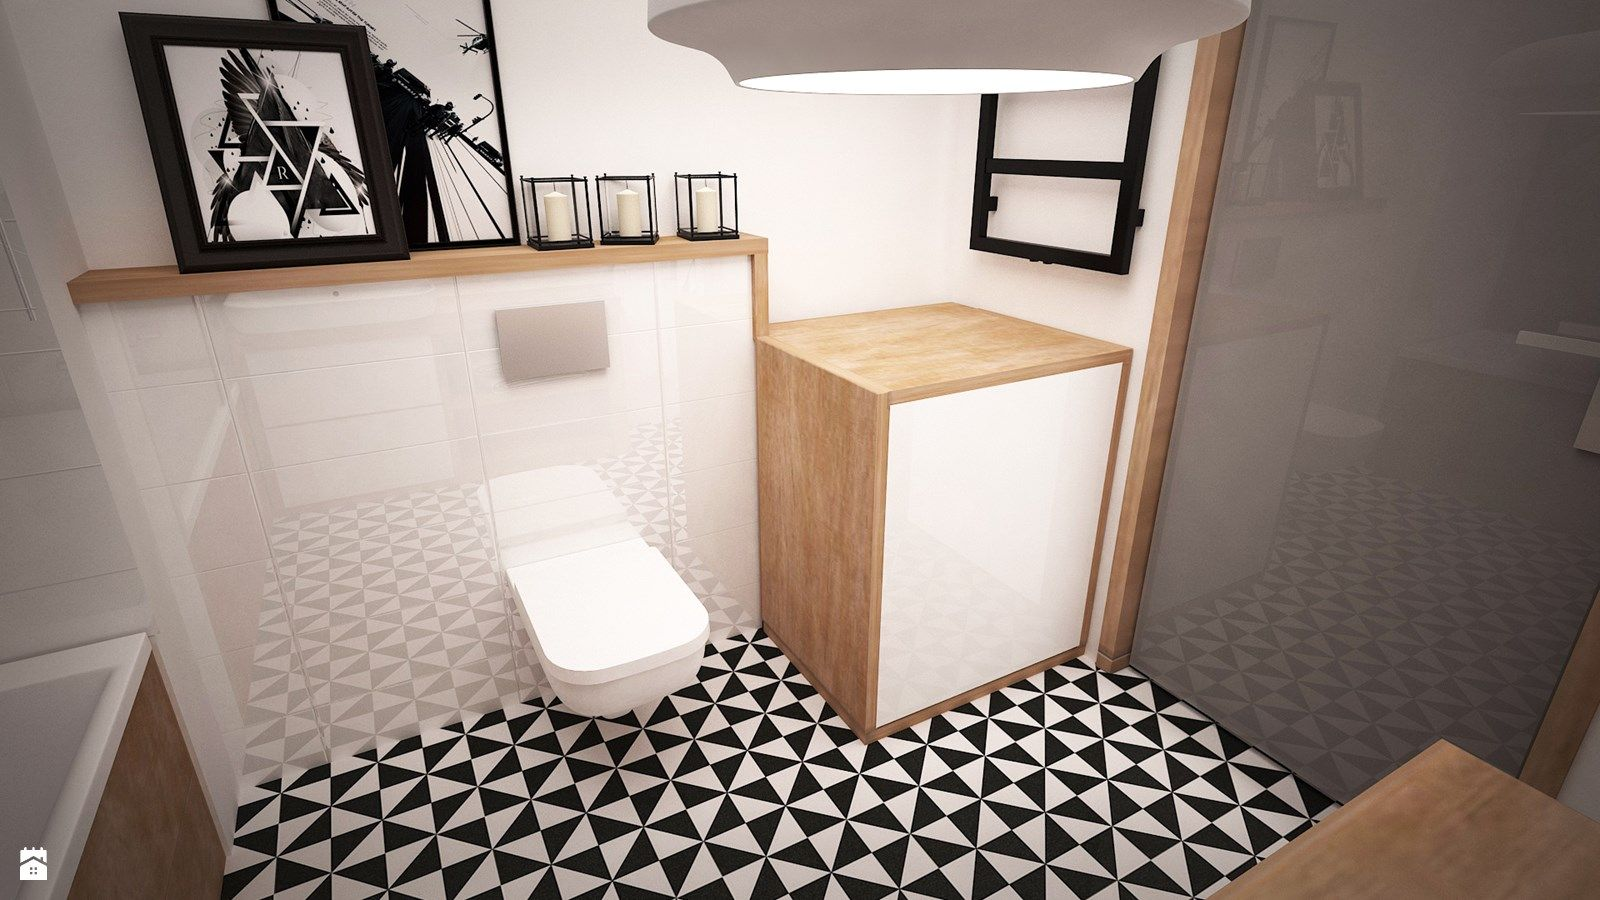 łazienka Styl Eklektyczny Zdjęcie Od Ada Wrońska